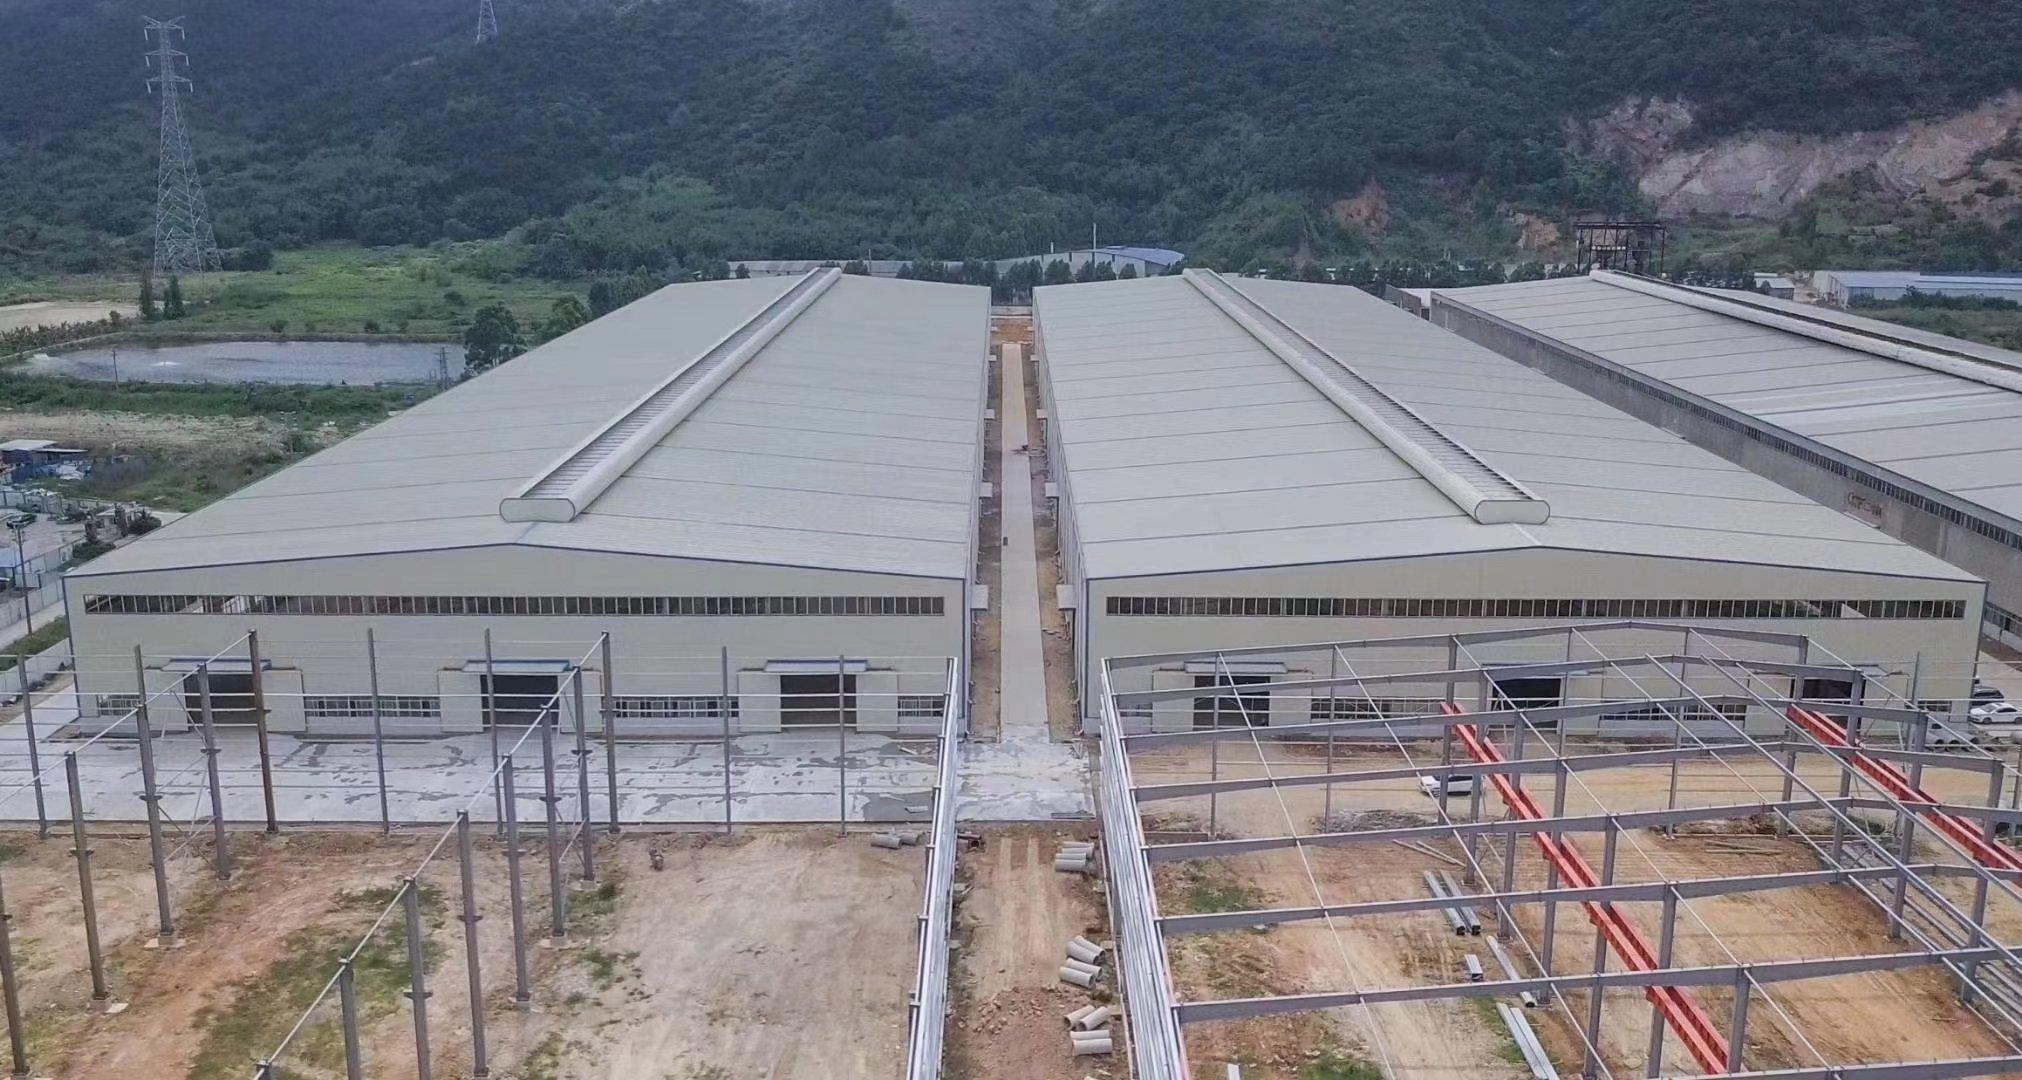 肇庆金利镇花园厂房70000平方钢构有房产证蒸汽管道天然气管-图8